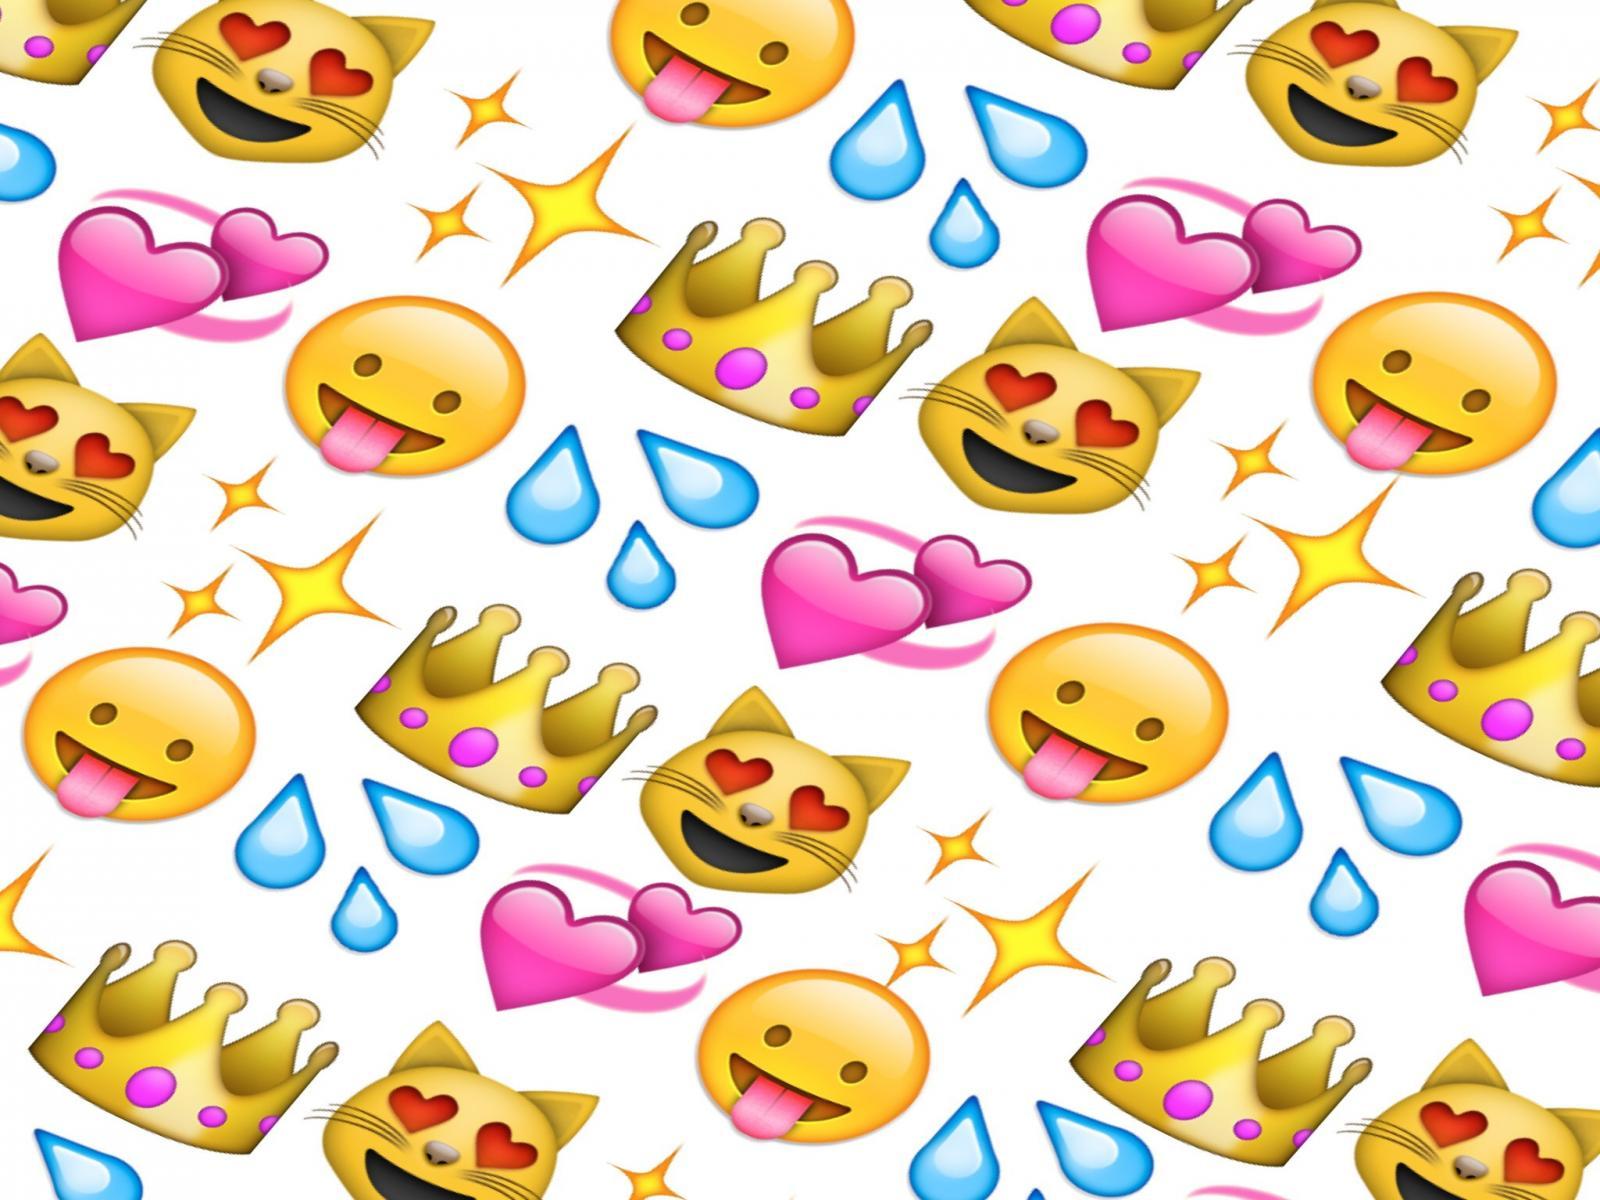 Cute Emoji Wallpapers Wallpaper Cave